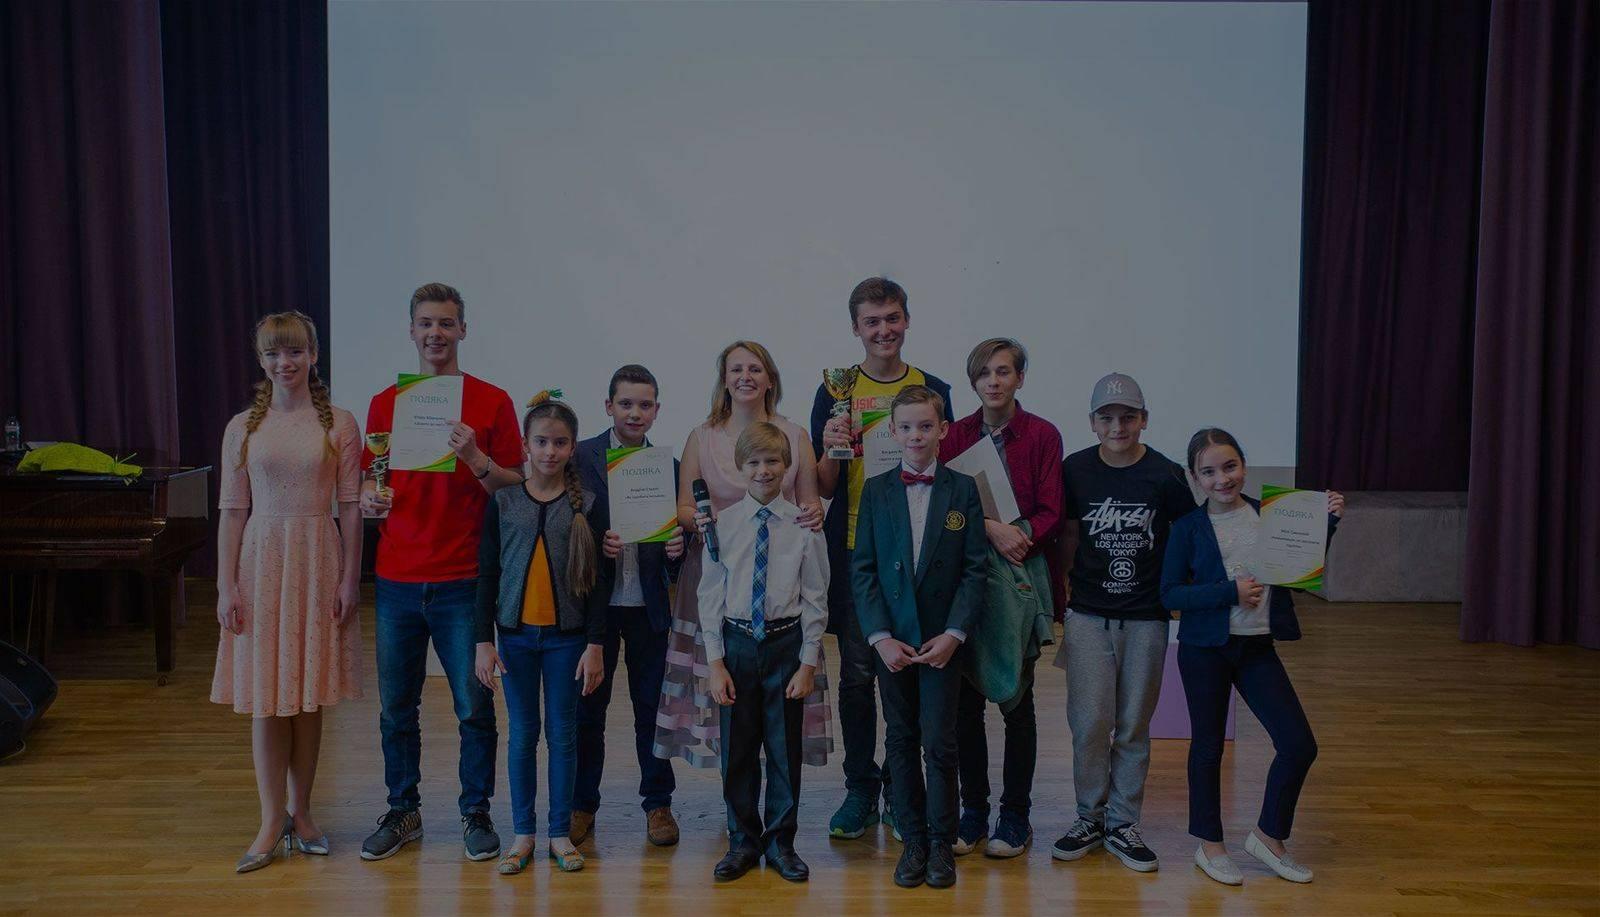 школа лидерства и предпринимательства для детей и подростков